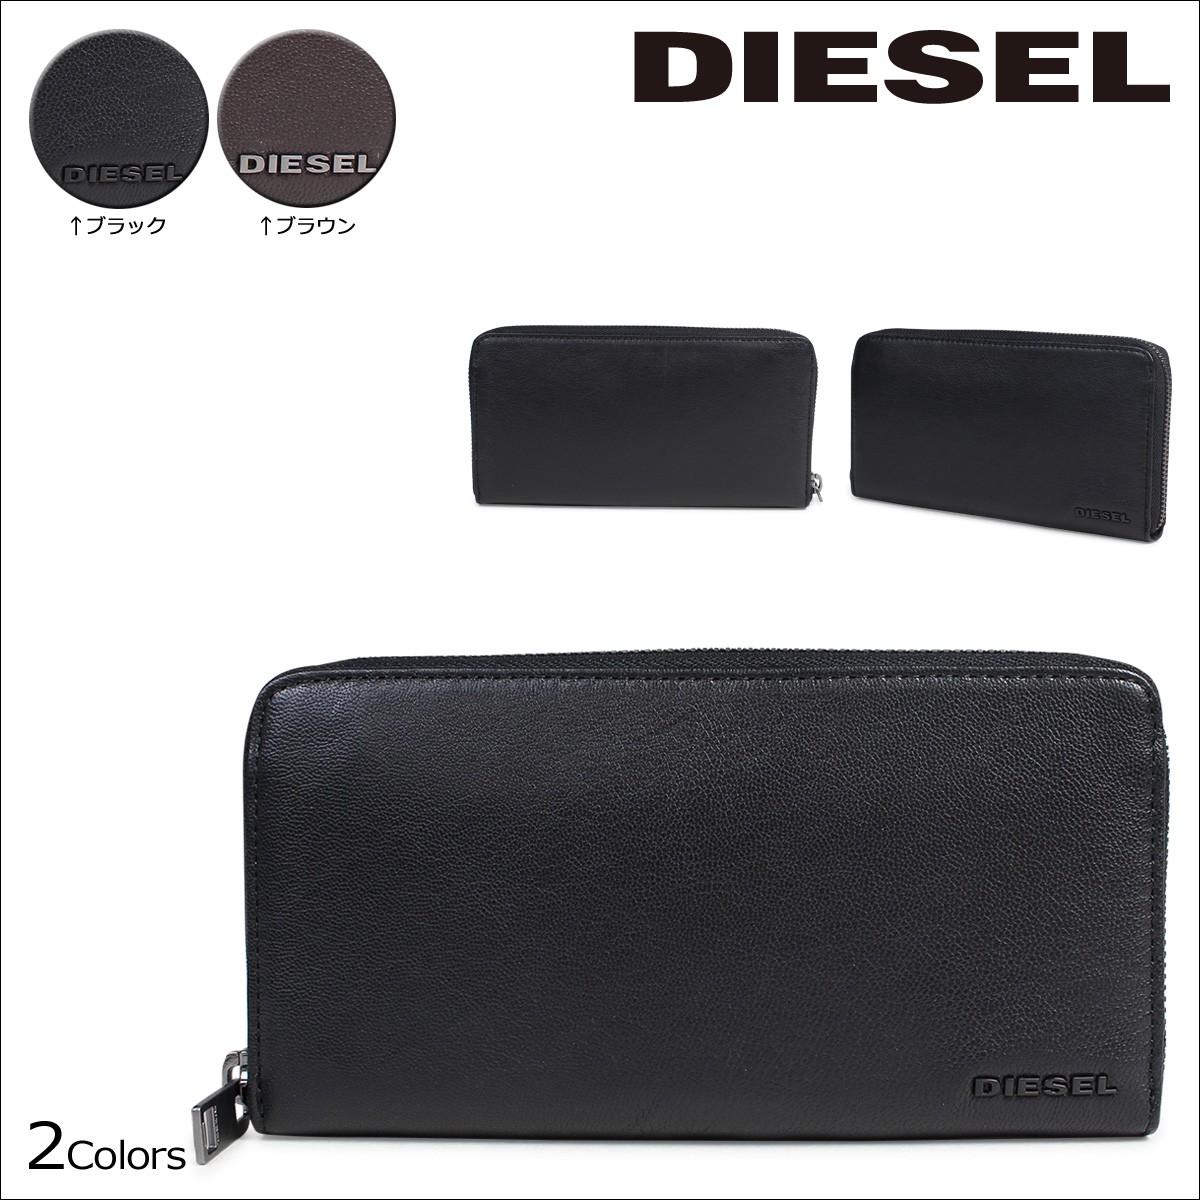 ディーゼル 財布 メンズ DIESEL 長財布 ラウンドファスナー 24 ZIP X04458 PR227 2カラー